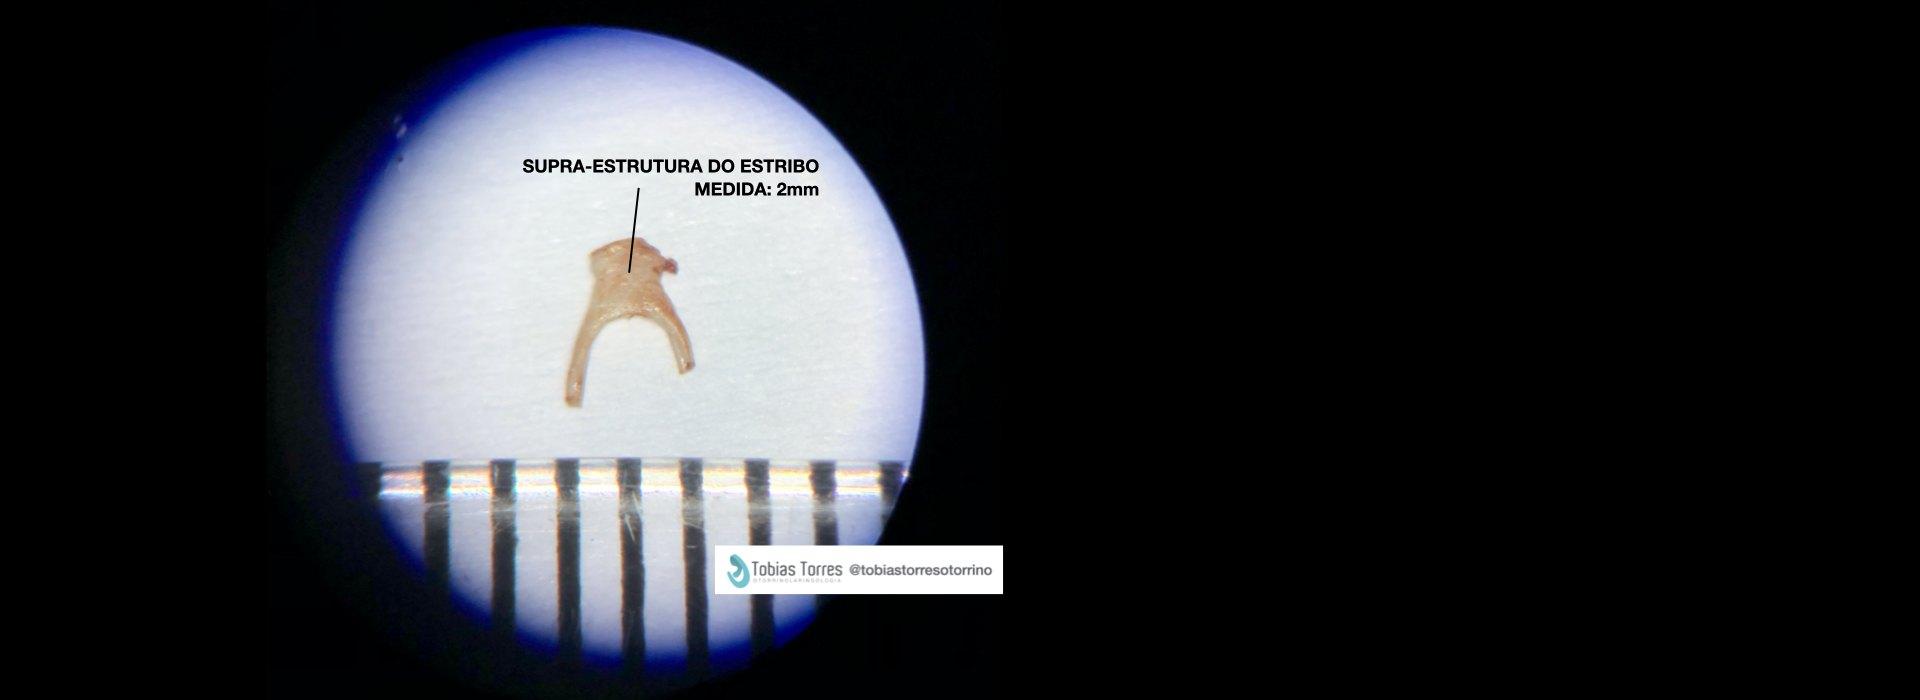 Estapedotomia - Estapedectomia - Cirurgia para Otosclerose